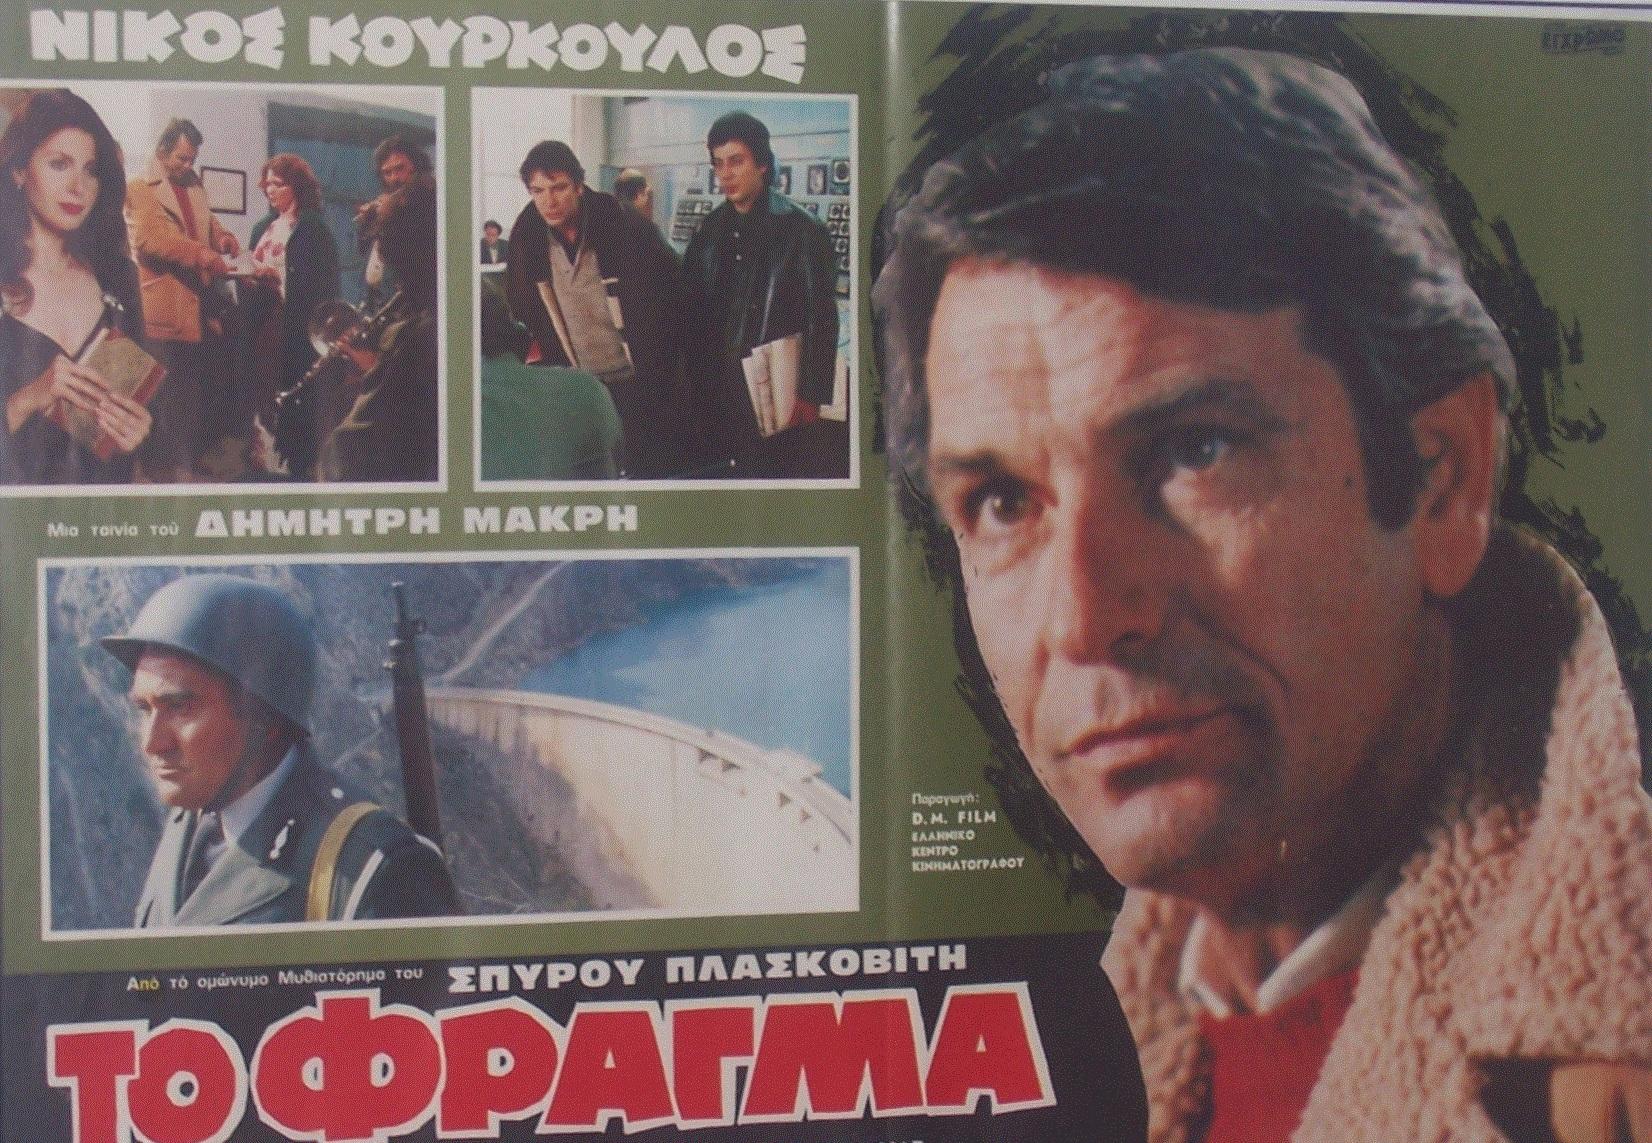 Danis Katranidis, Nikos Kourkoulos, Thaleia Papazoglou, and Daniella Moreti in To fragma (1982)